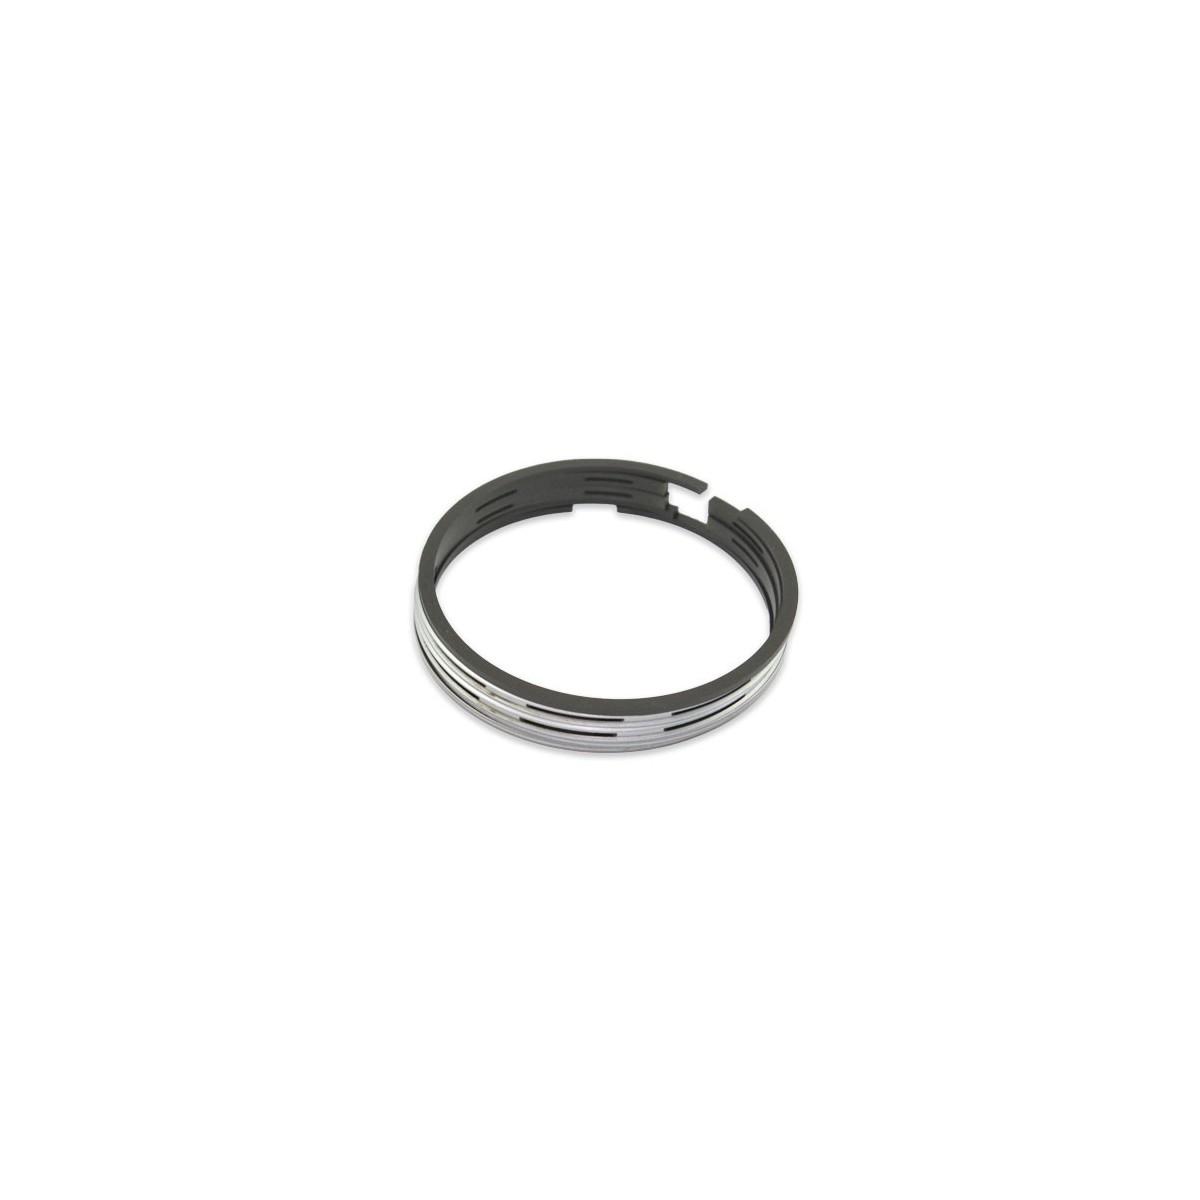 Pierścienie tłoka Kubota L240-L280 90mm